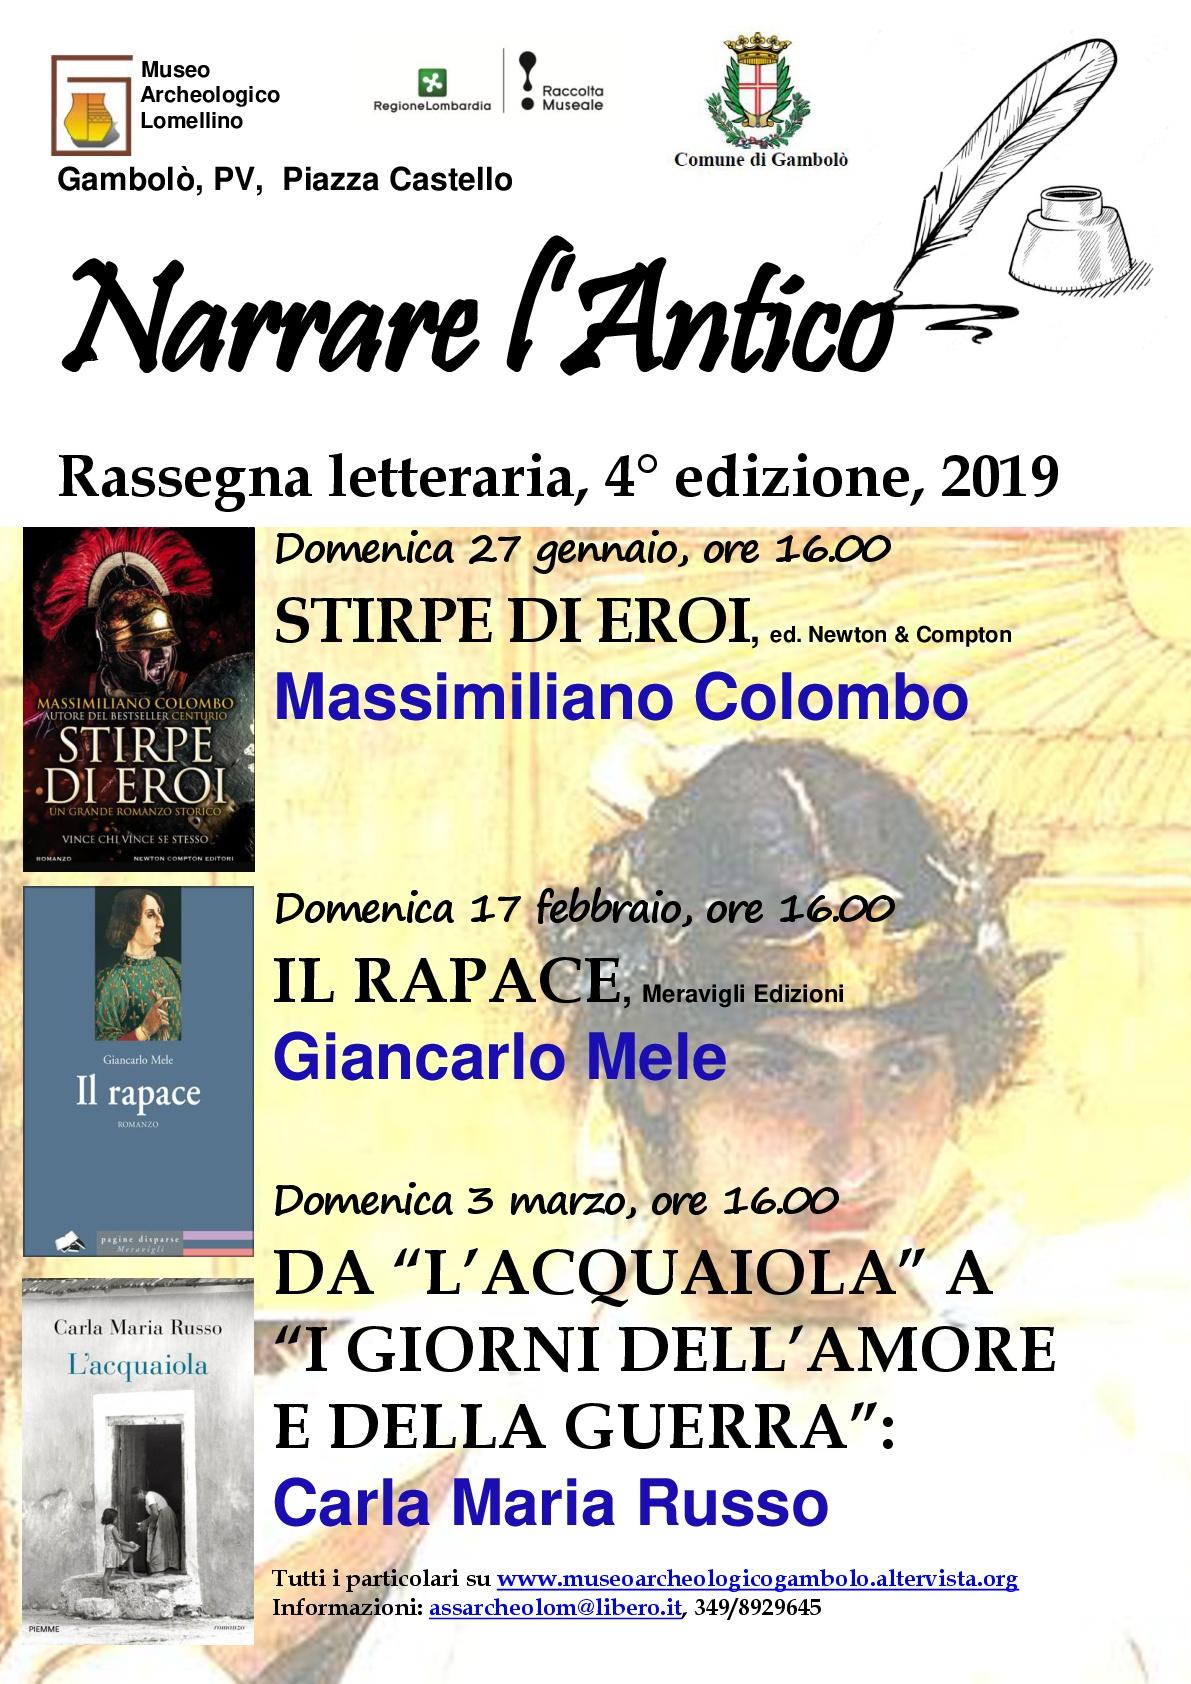 LOCANDINA NARRARE L'ANTICO 2019